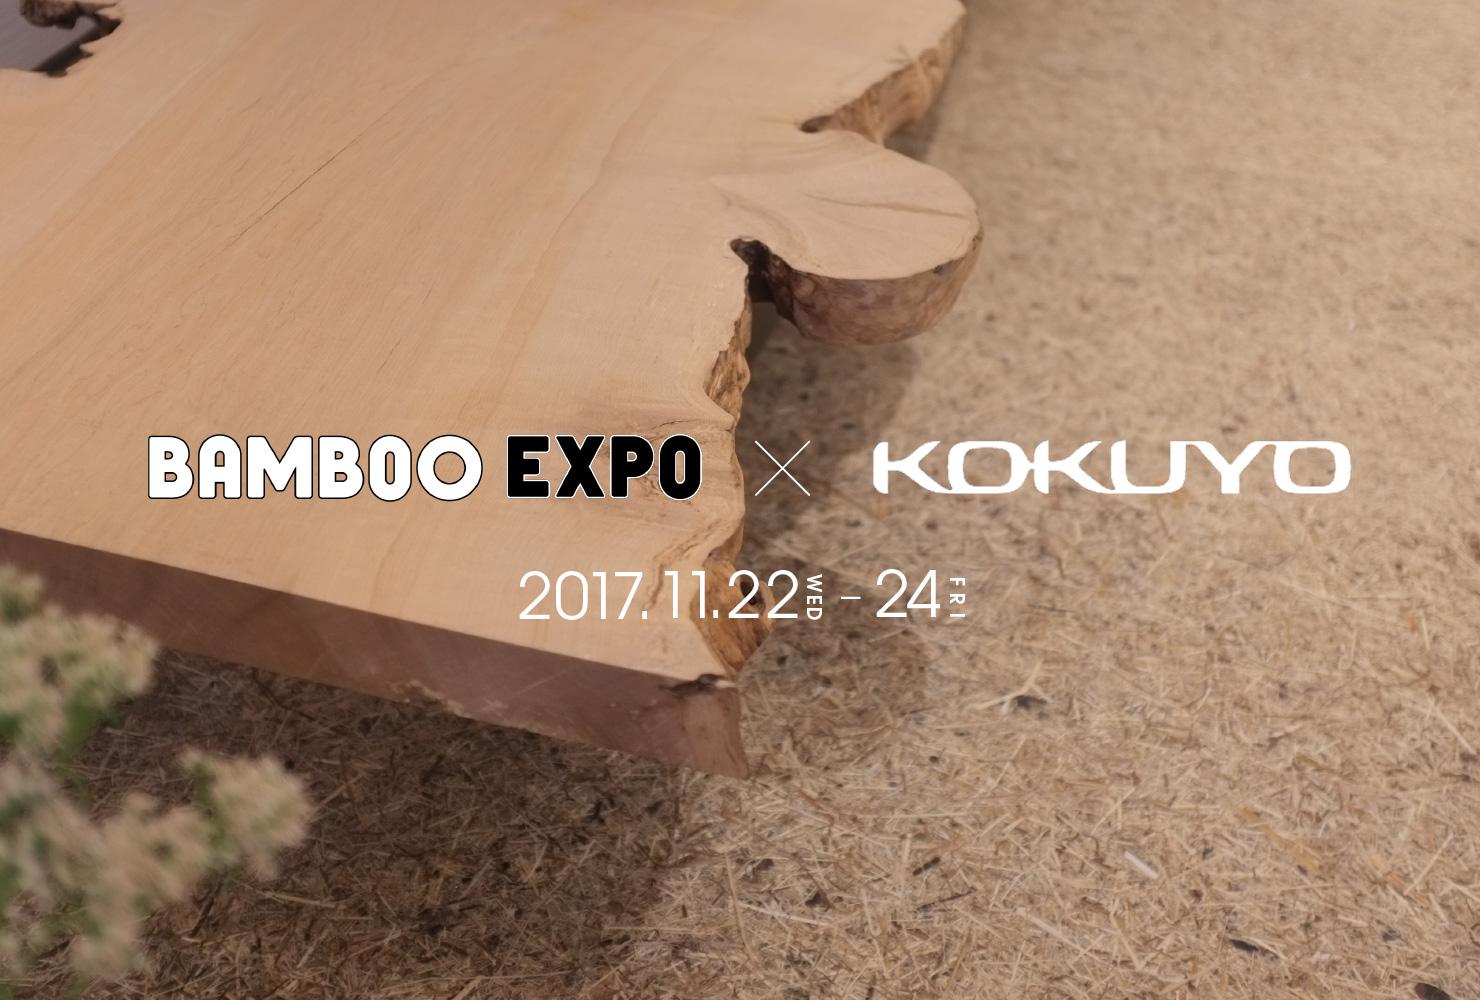 BAMBOO EXPO × KOKUYO 2017.11.22-24